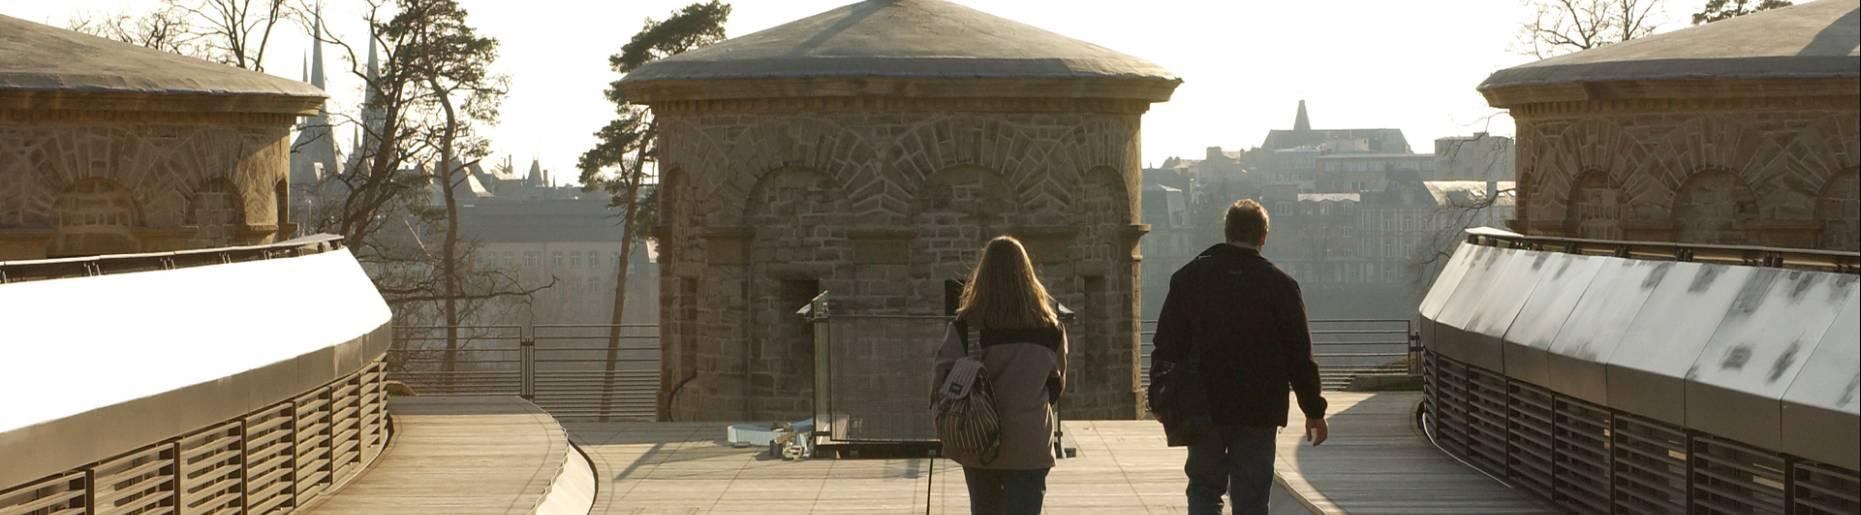 musee drai eechelen  forteresse histoire identites exterieur 5